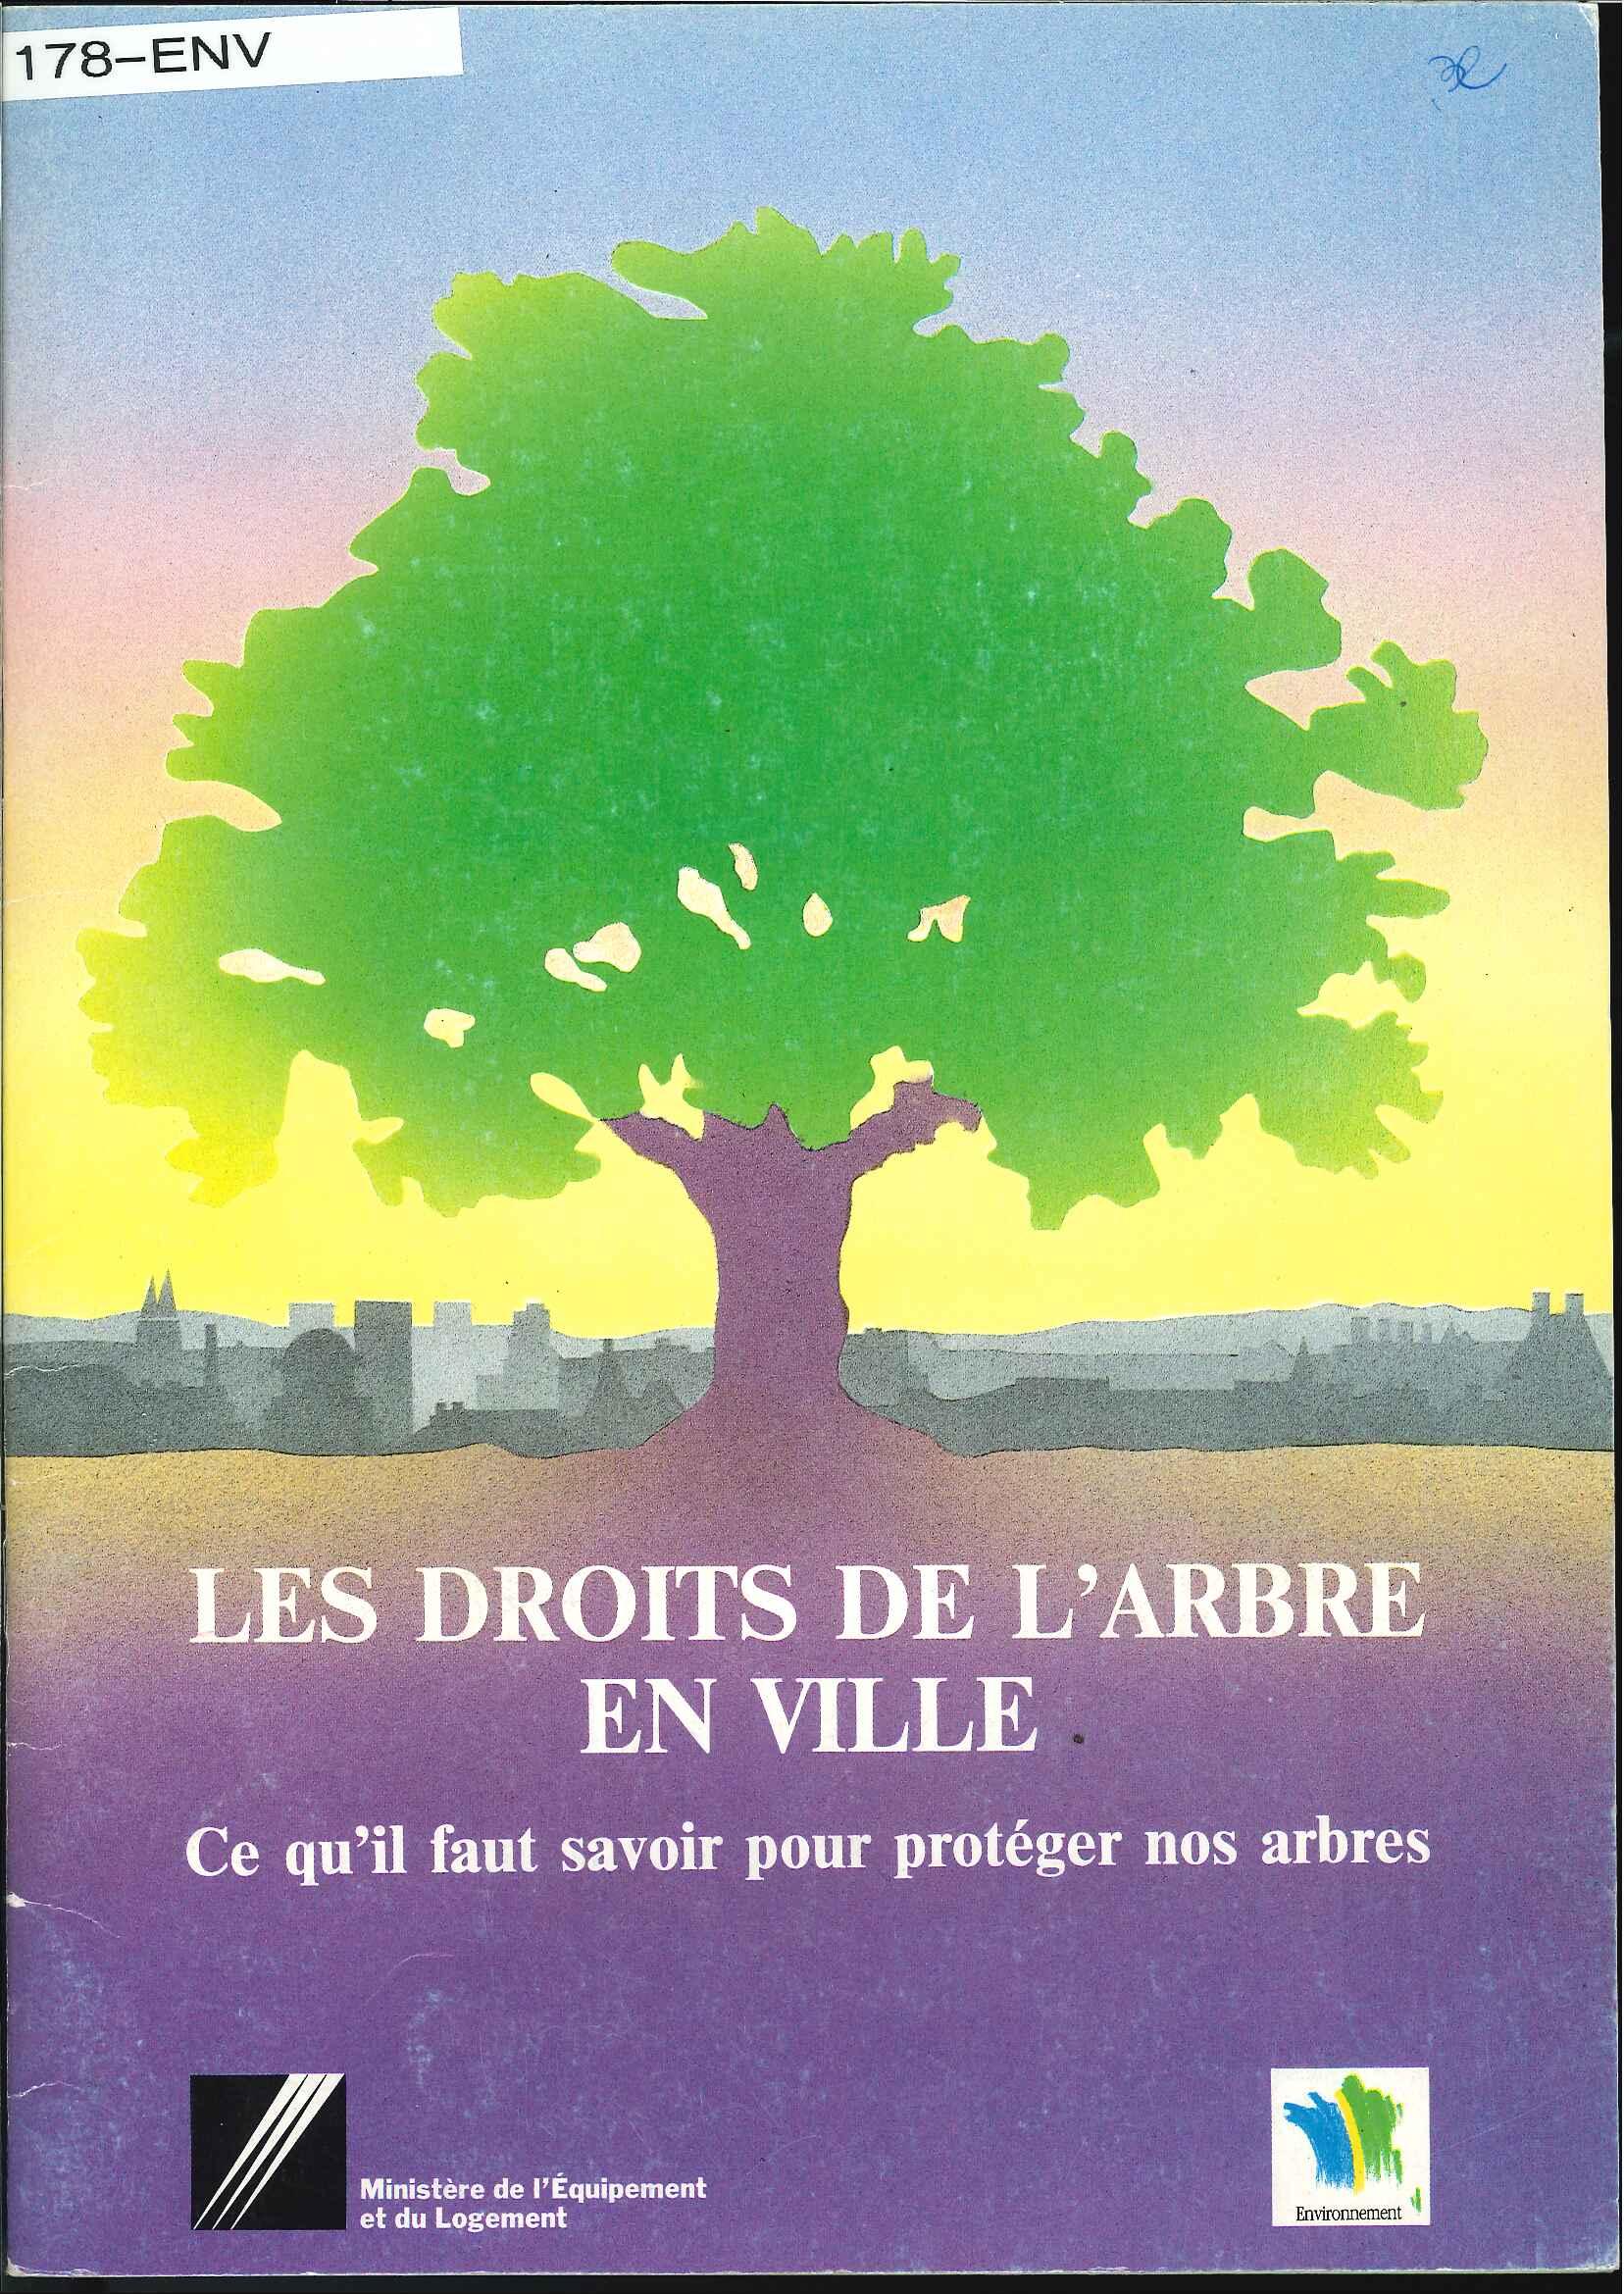 Les droits de l'arbre en ville